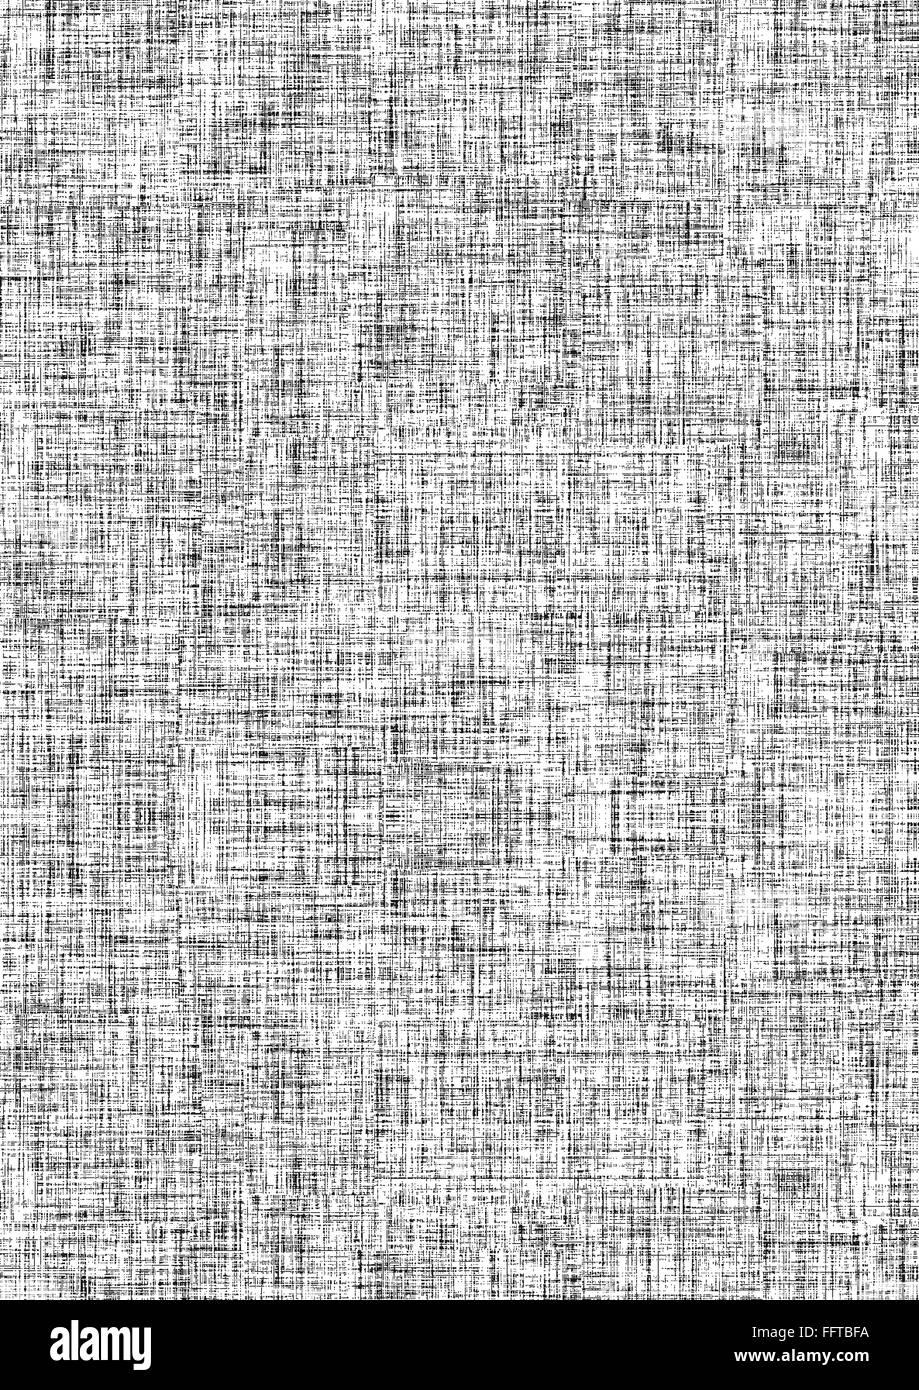 Struktur Grau Weiss oberflächenstrukturierter Malen Farbe Zeichnen Schrabbelig Schraffiert Schraffieren Kreide Stockbild